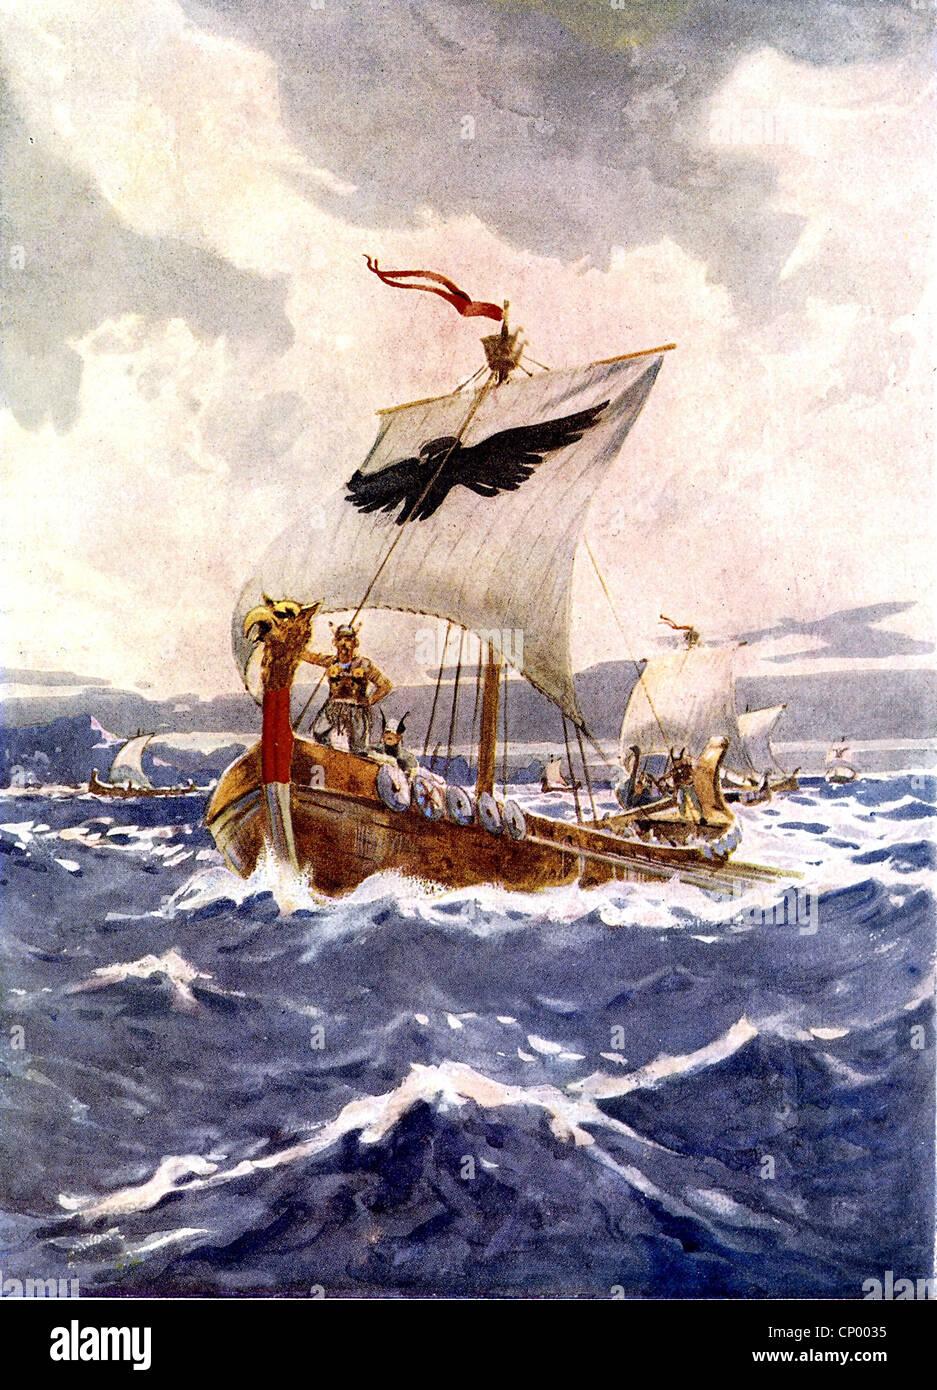 De la Edad Media, los Vikingos, barco vikingo, vela, pintura por arco Webb, histórico, histórico, buques, barco,Foto de stock